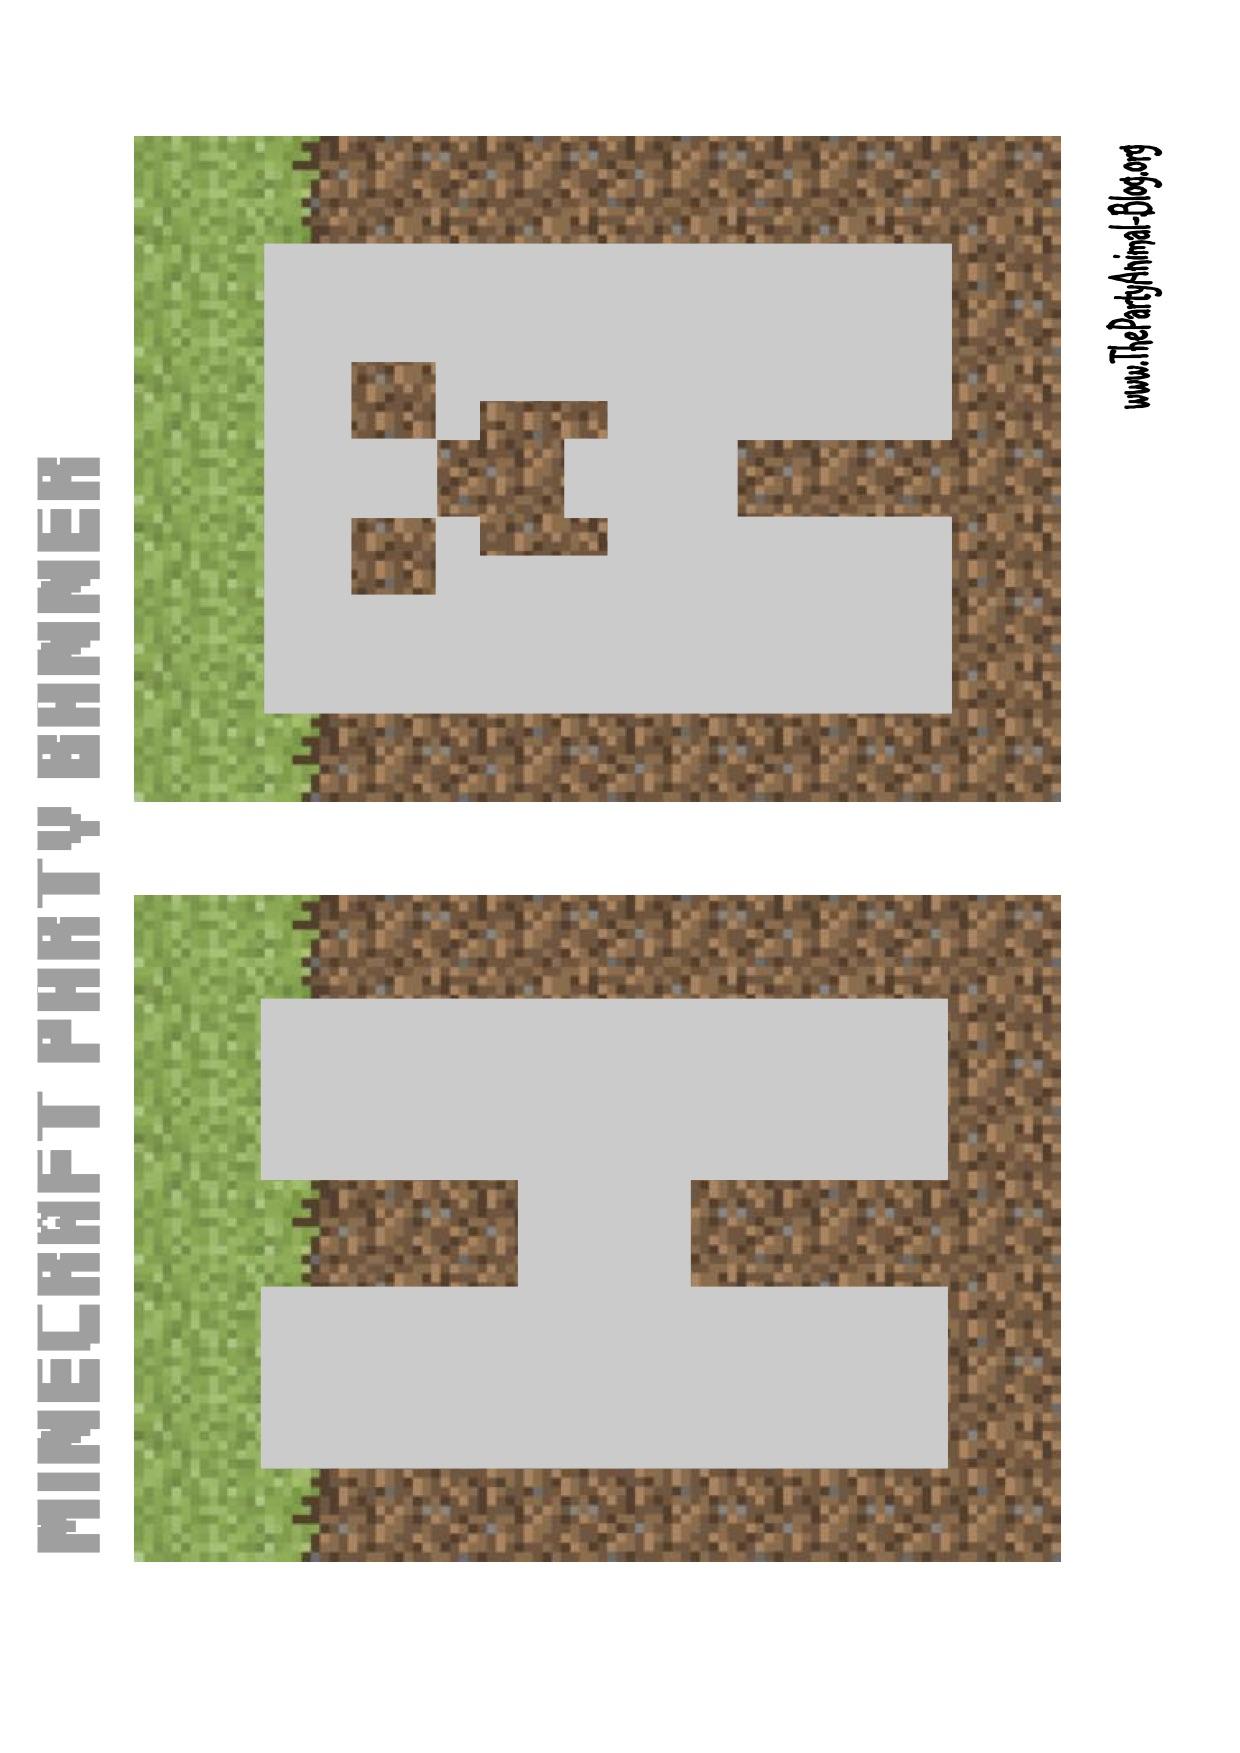 minecraft banner pic.jpg